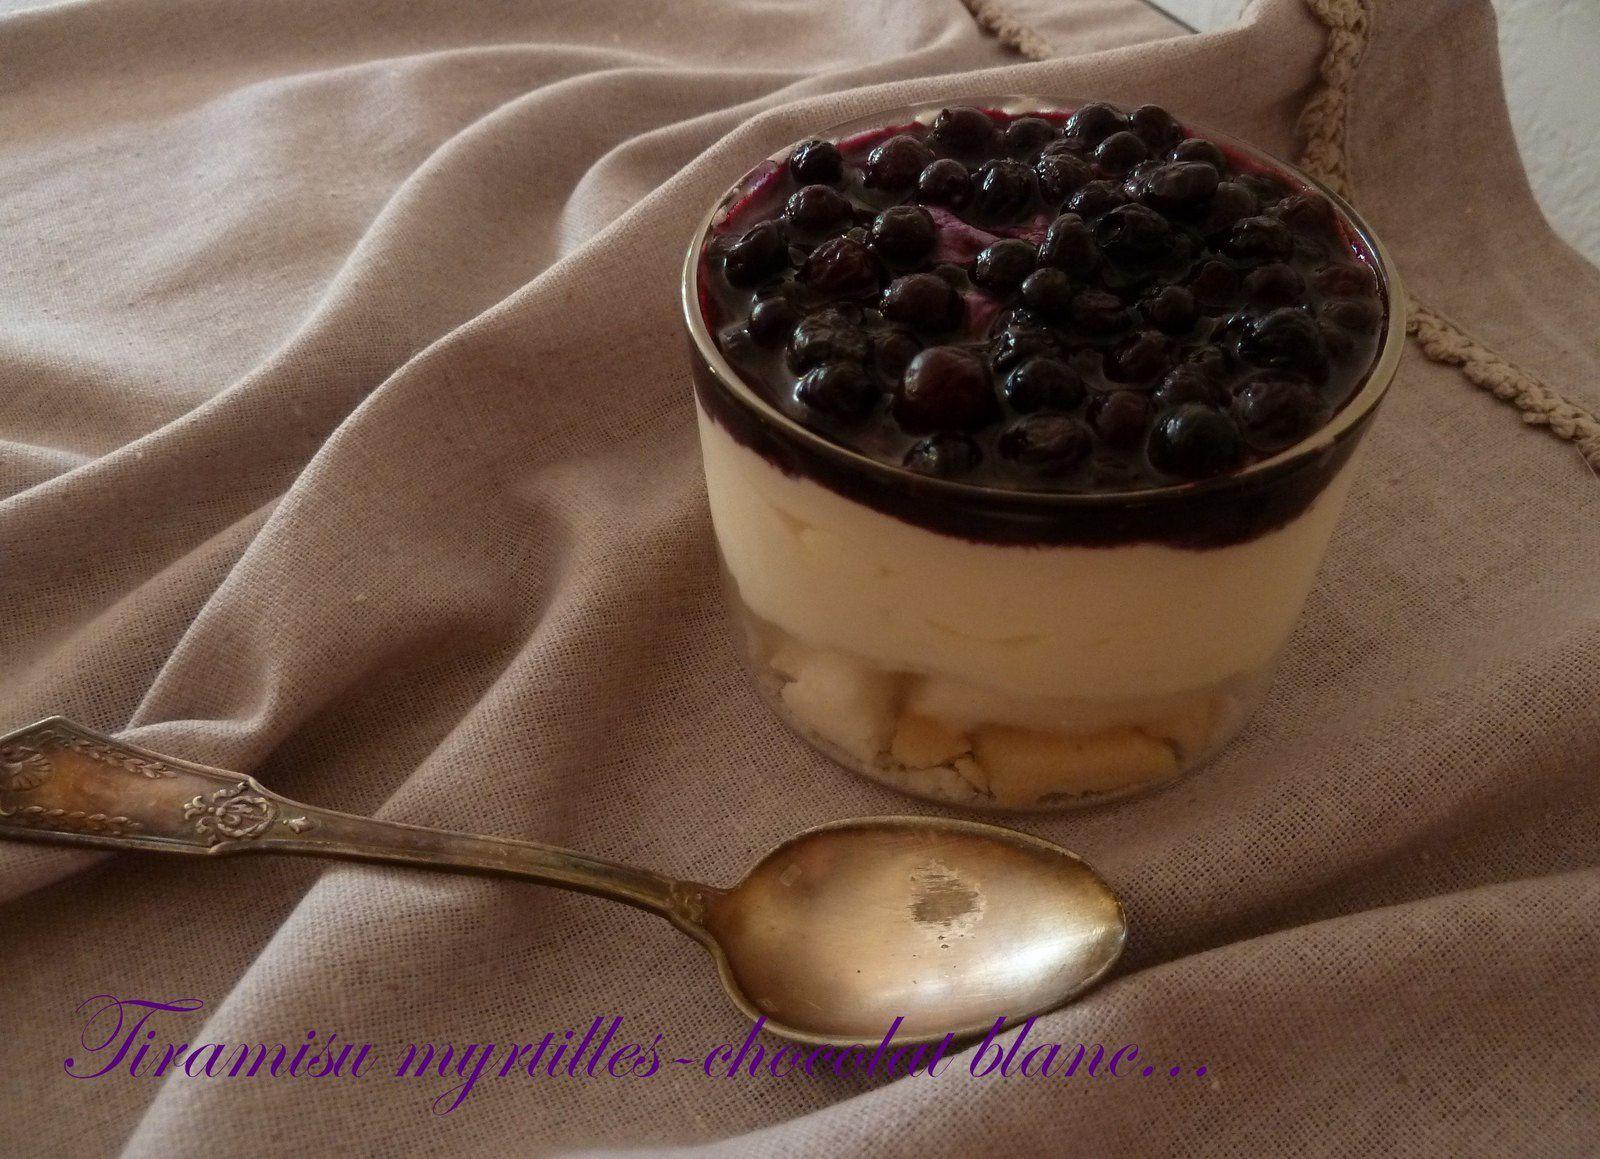 Tiramisu myrtille chocolat blanc